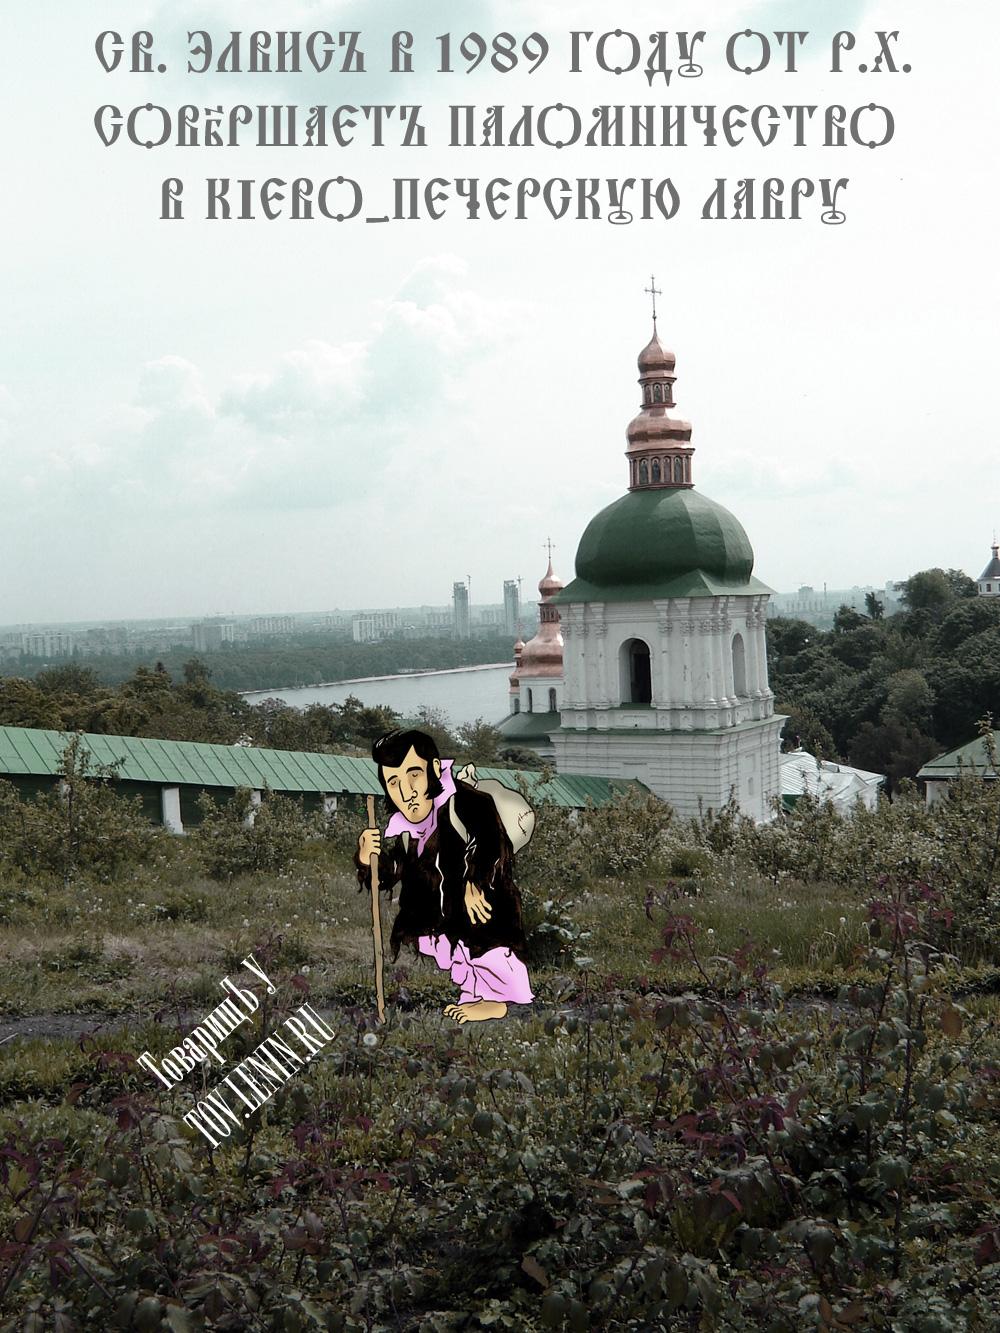 Св. Элвис в 1989 году от Р. Х. совершает паломничество в Киево-Печерскую Лавру